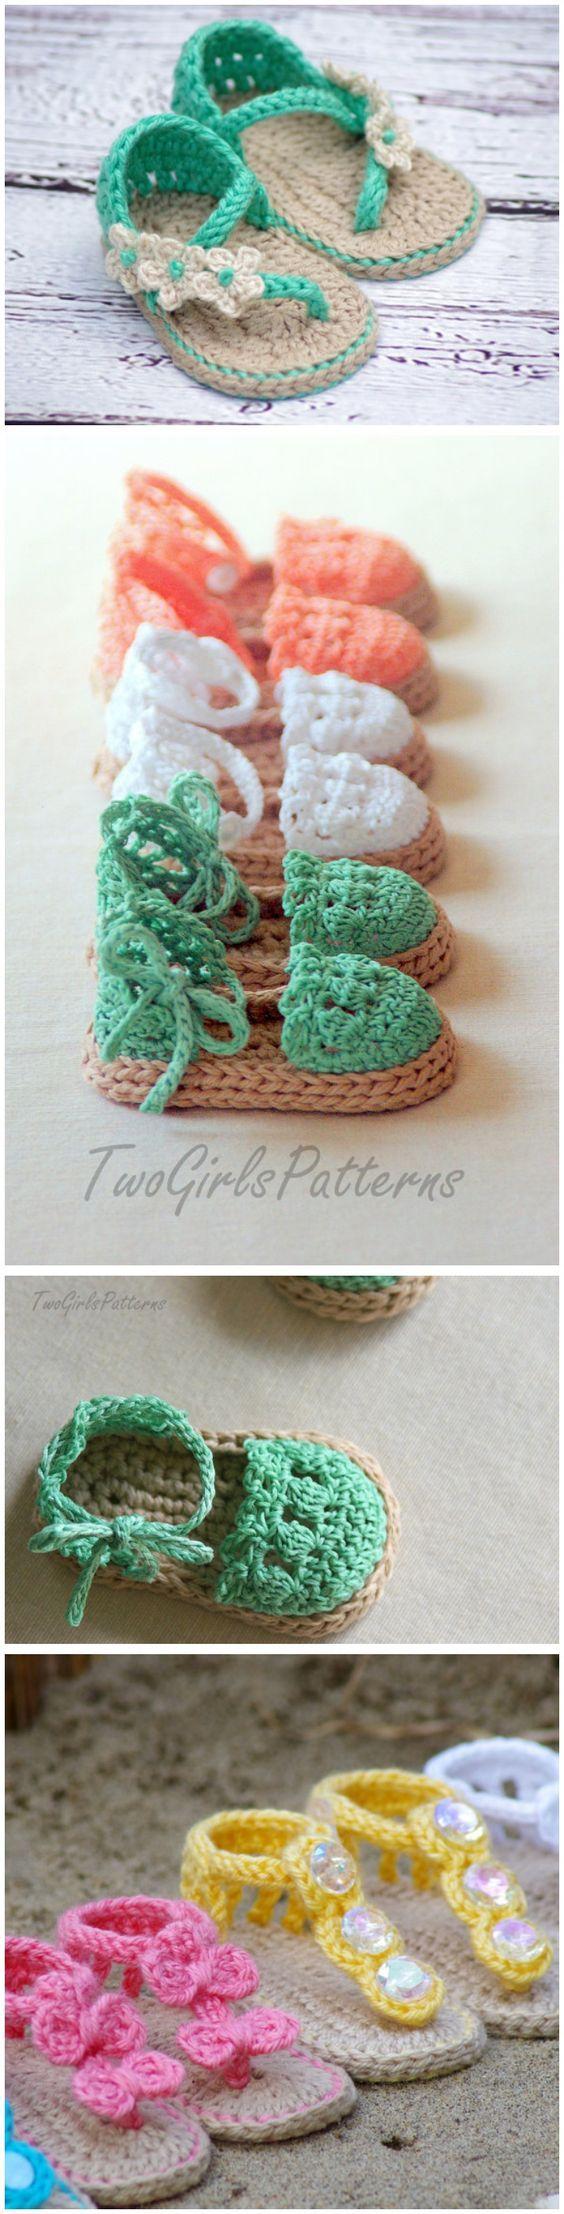 Crochet Baby Flip Flop Sandals with Patterns   Pinterest   Häkeln ...